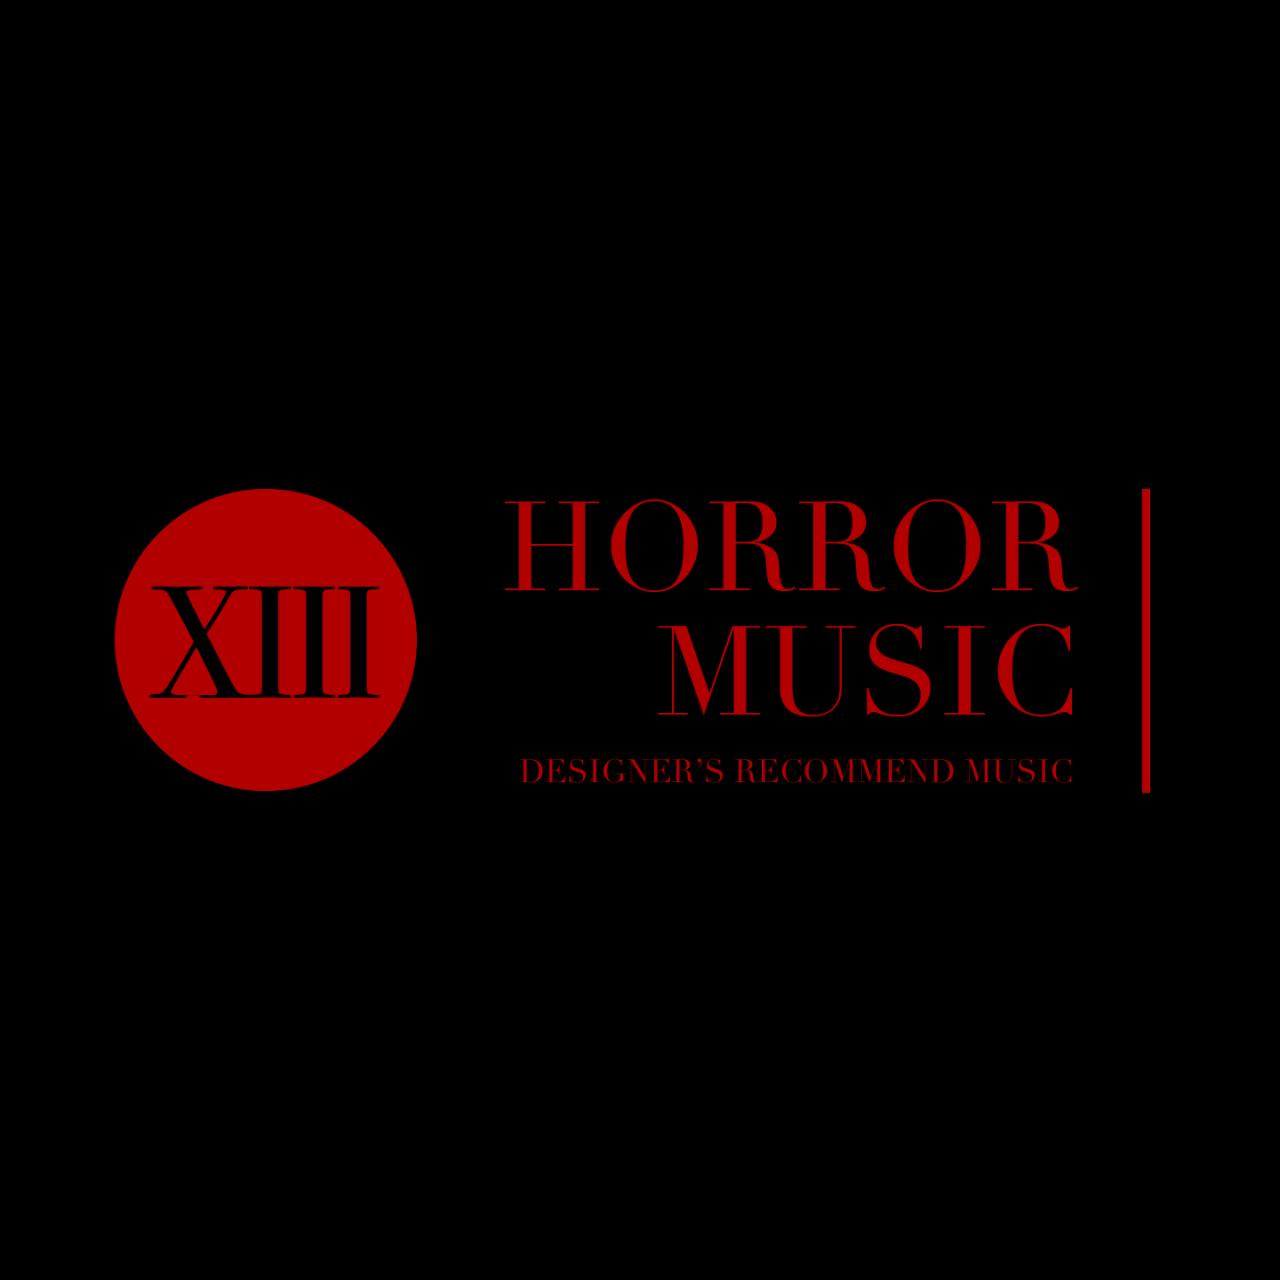 【夏の怪談にオススメ】ホラー映画チックな恐怖BGM音楽13曲